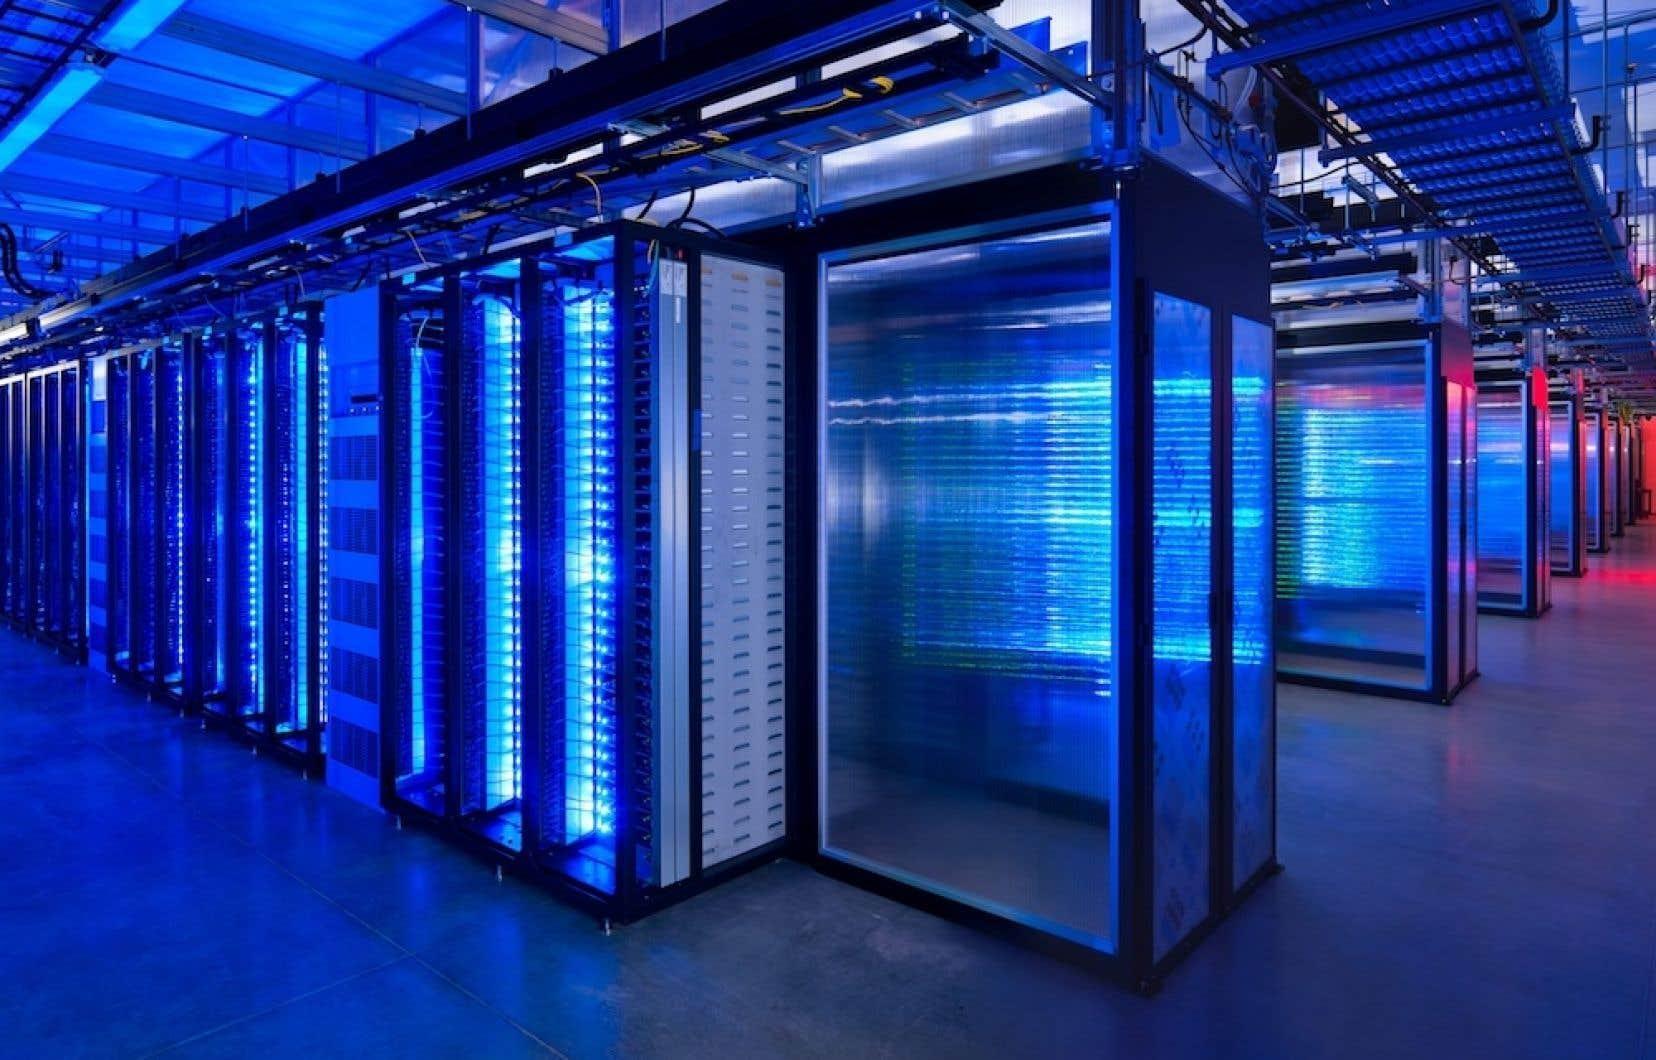 Un des salle des serveurs de Facebook, à Prineville, Oregon. Depuis 2007 au moins, la très secrète National Security Agency, chargée du renseignement électromagnétique aux États-Unis, collecte directement toutes les données qui l'intéressent sur les serveurs des géants américains de l'Internet.